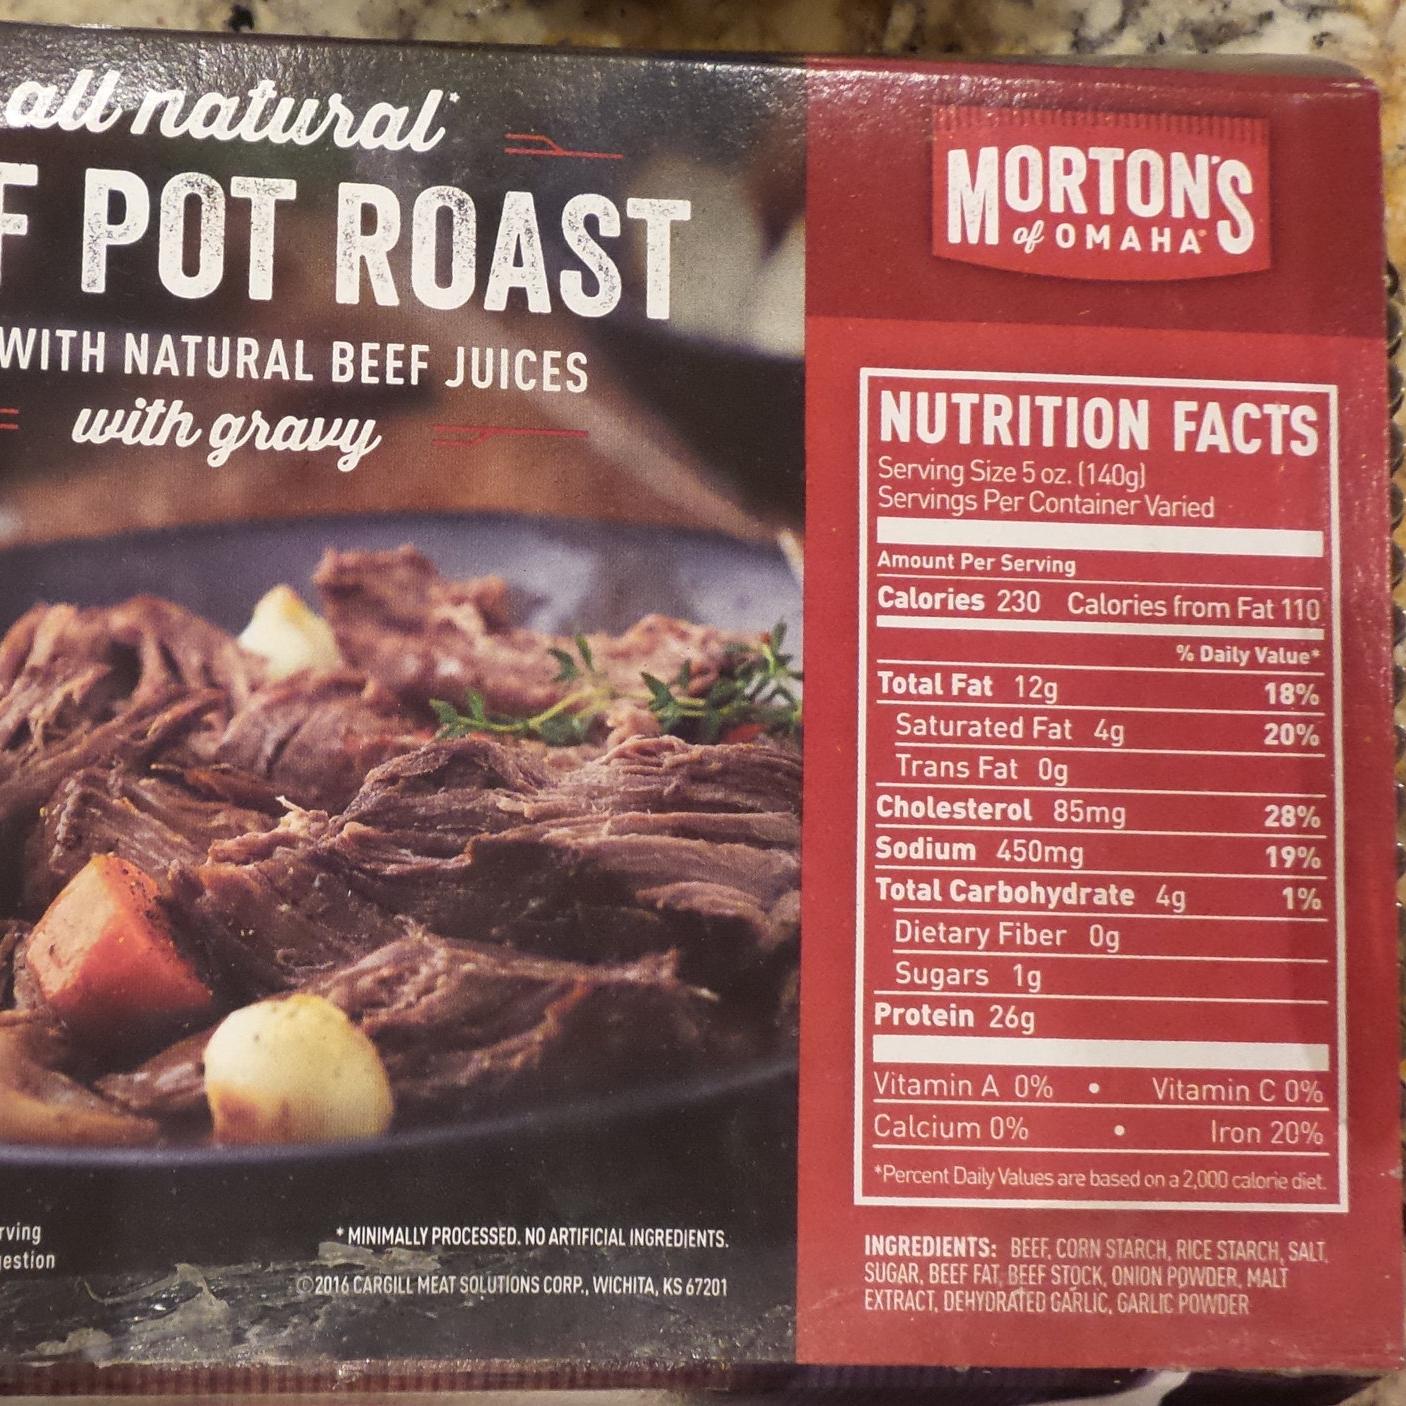 Mortons Pot Roast Box Back.jpg